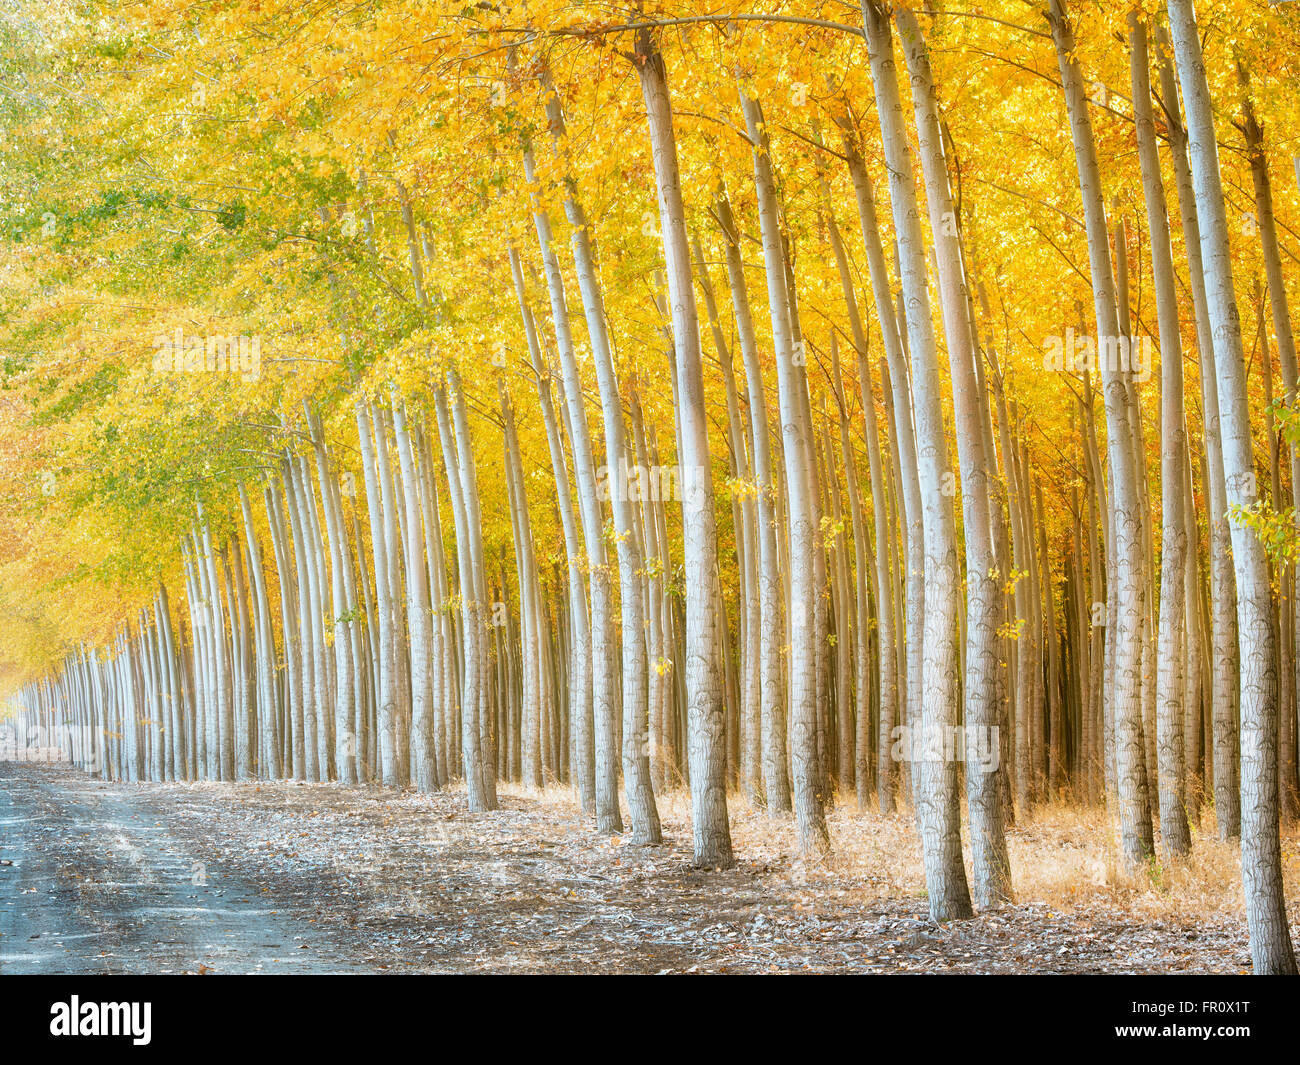 Pacific Albus (Poplar) tree farm, Boardman Tree Farm, Oregon - Stock Image